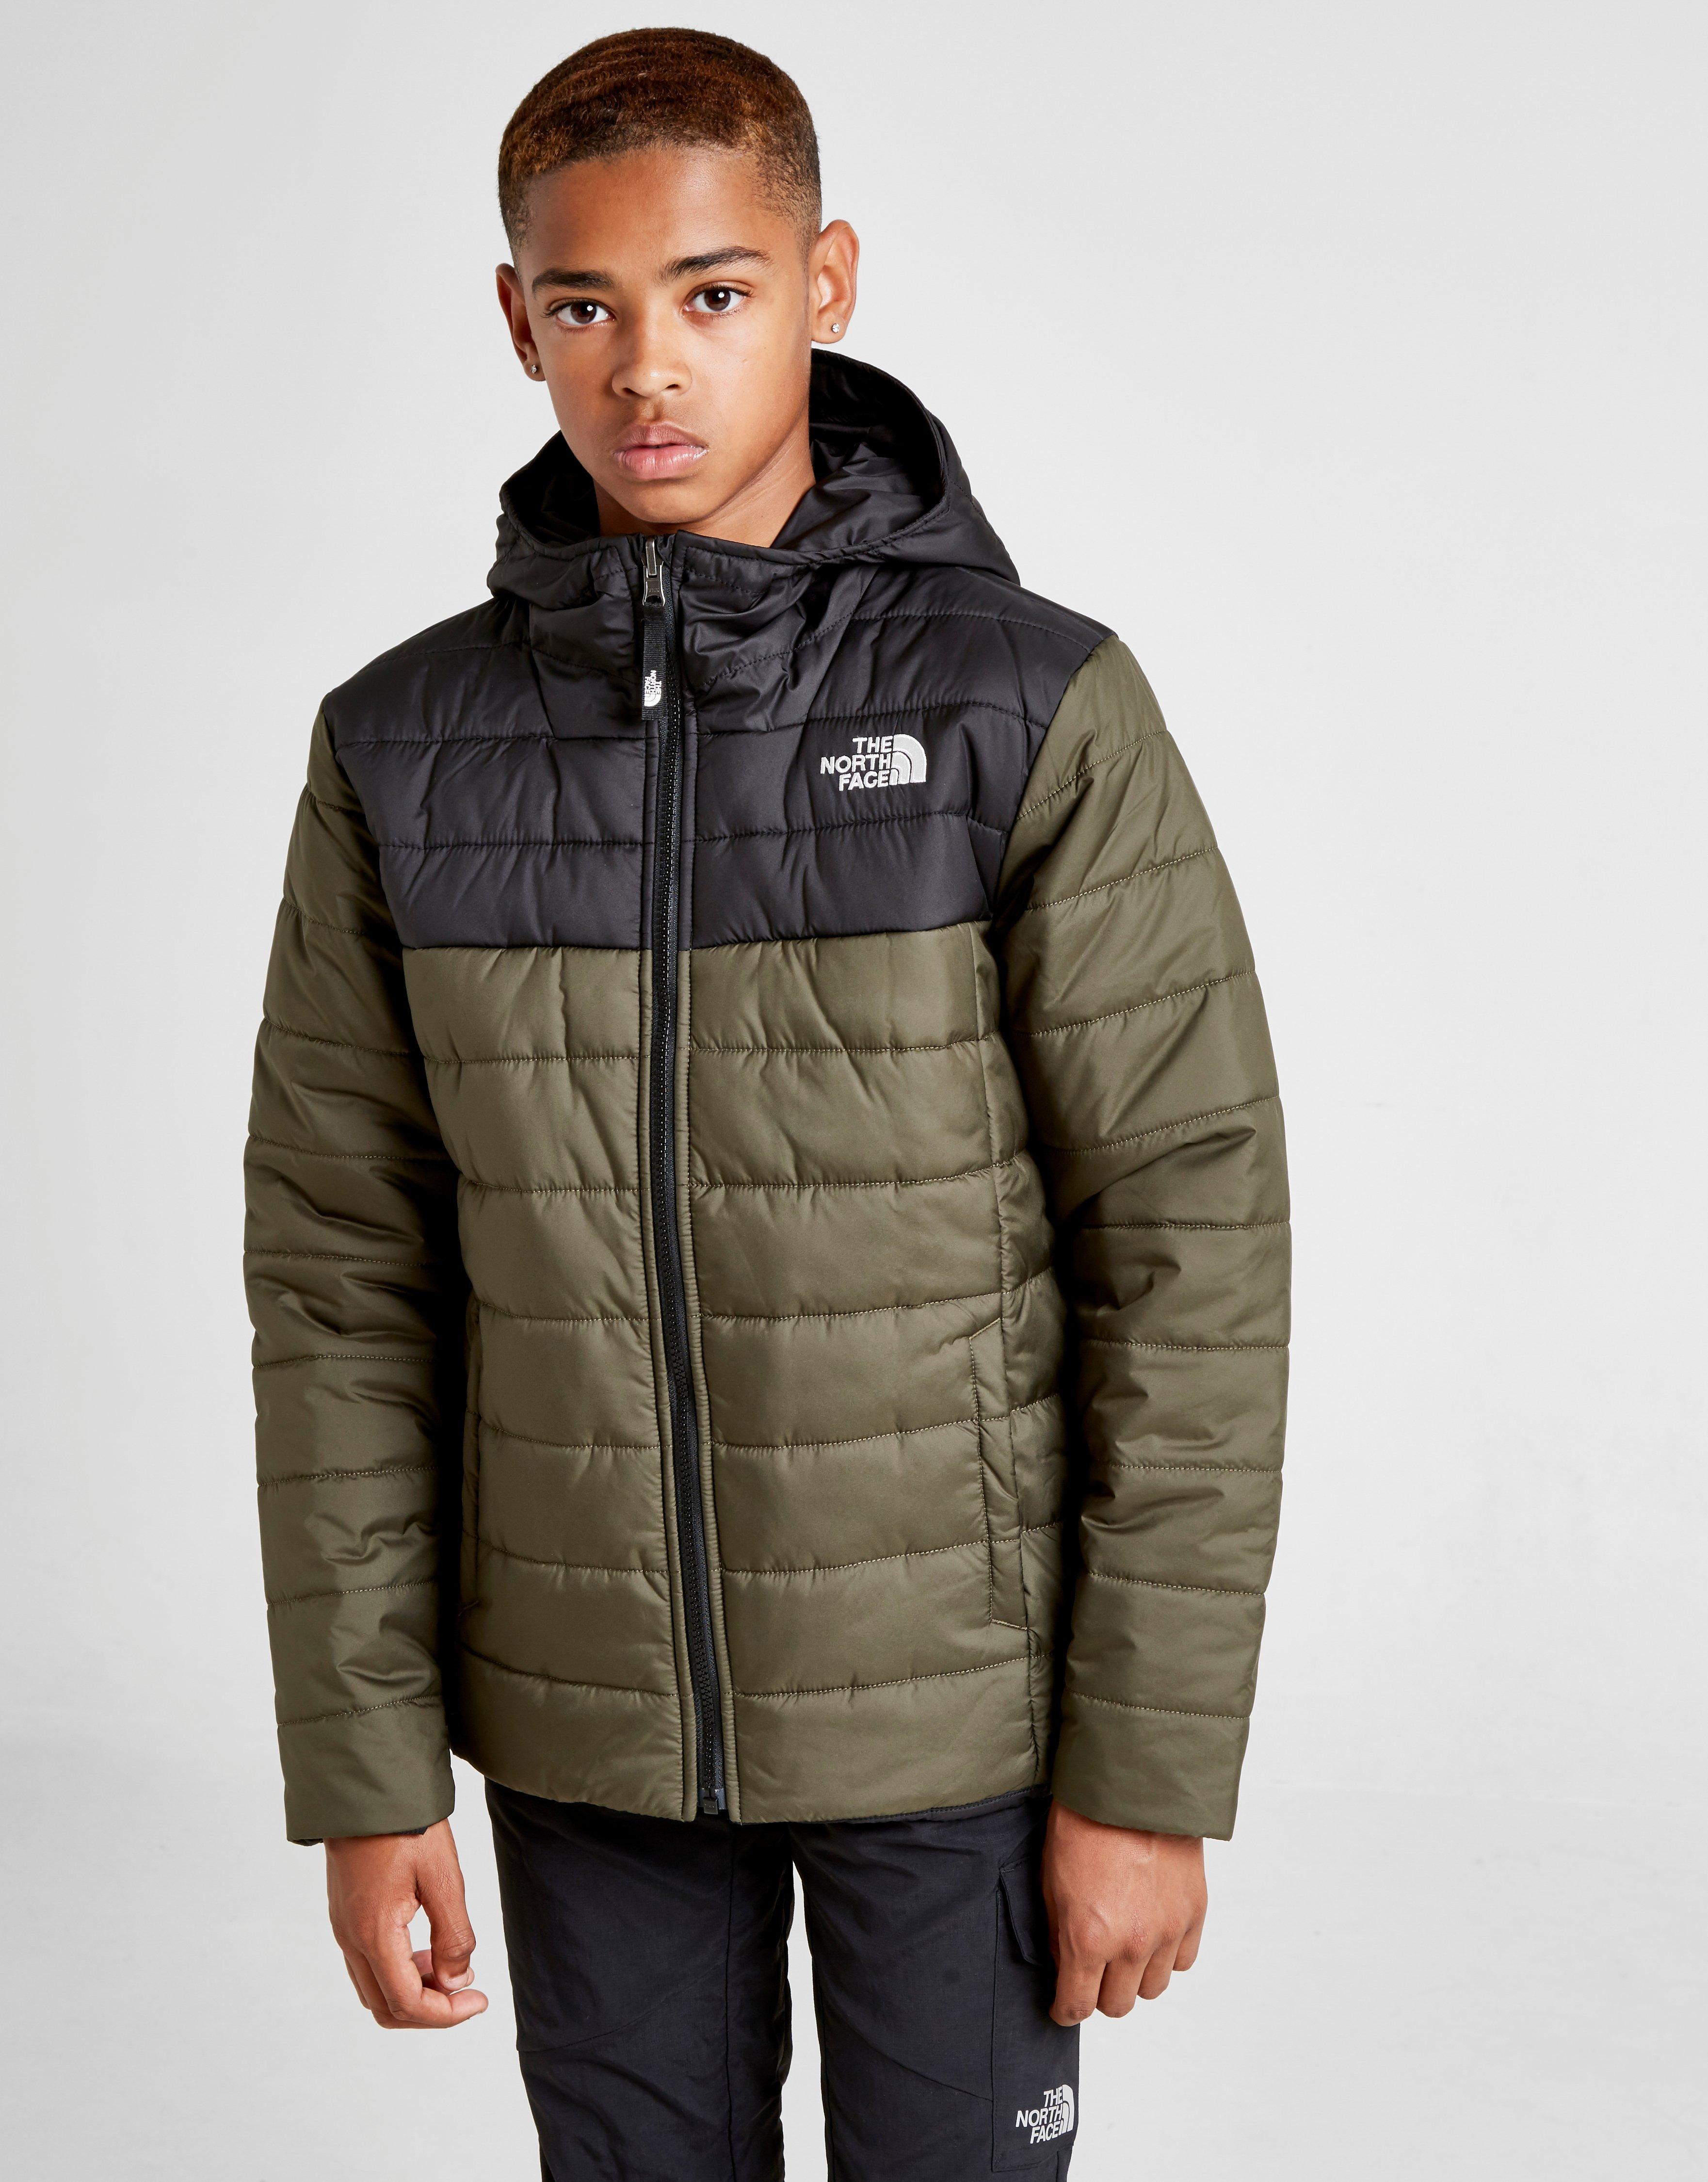 Osta The North Face Perrito käännettävä takki Juniorit